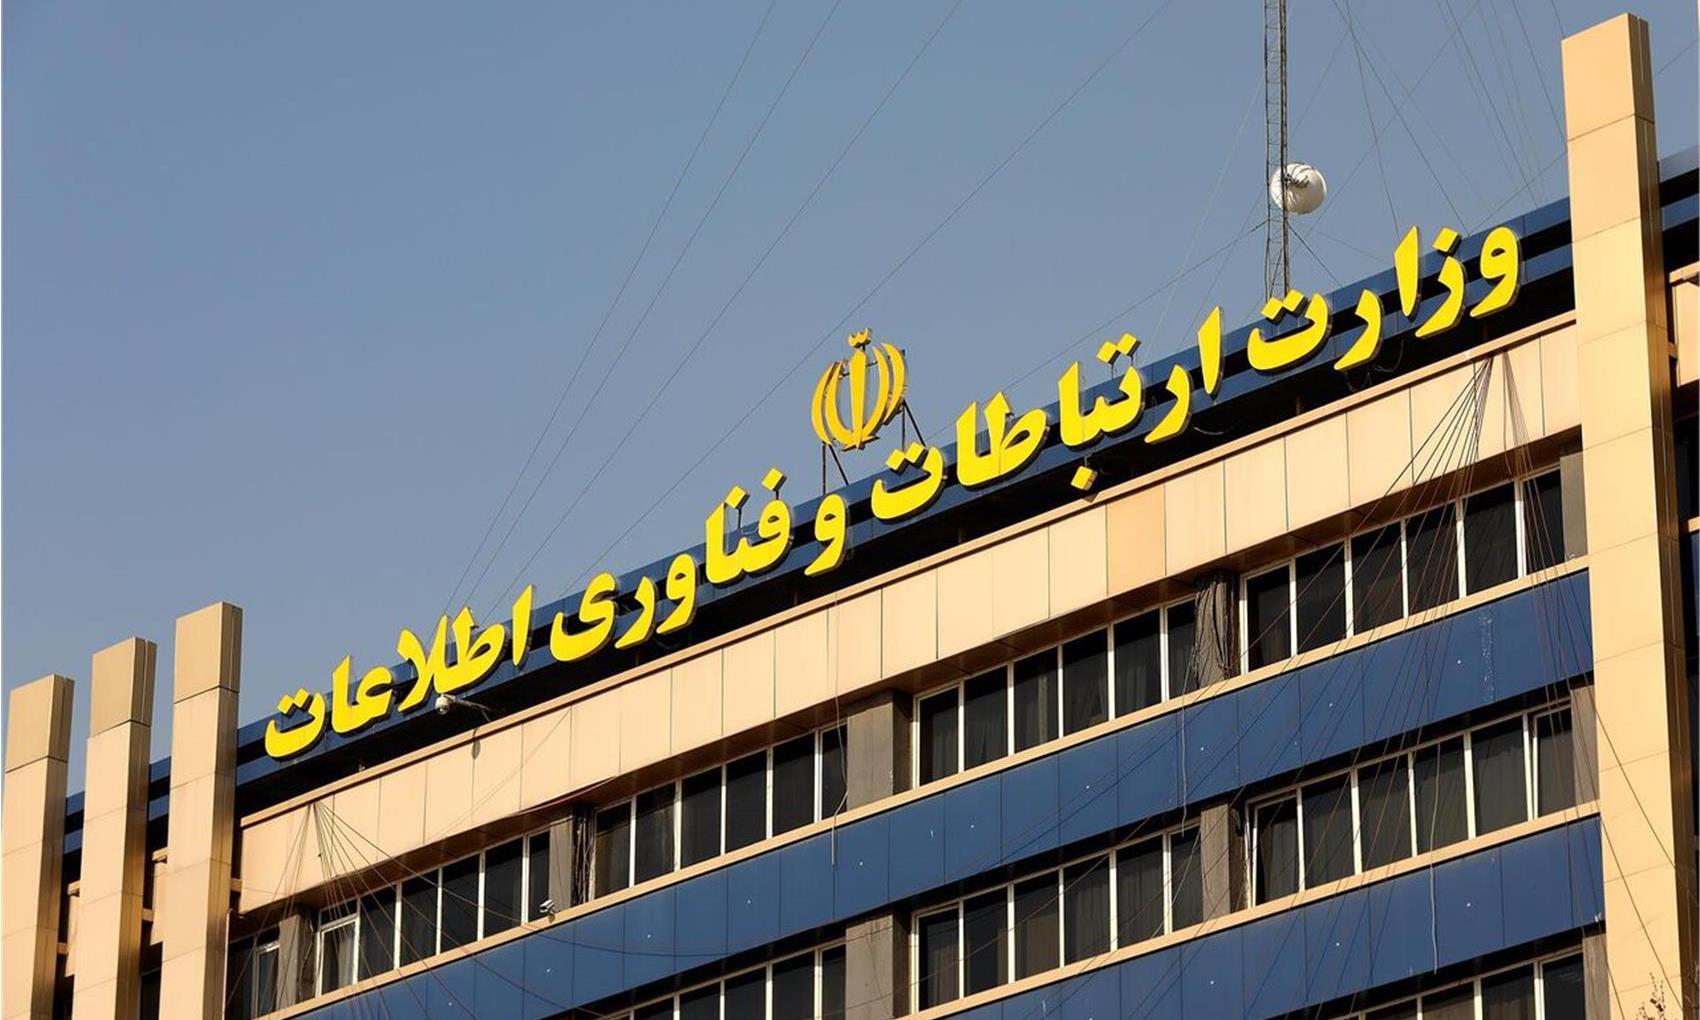 شکایت وزارت ارتباطات از ایرانسل، همراه اول و مخابرات به دلیل اختلال عمدی در «کلاب هاوس»